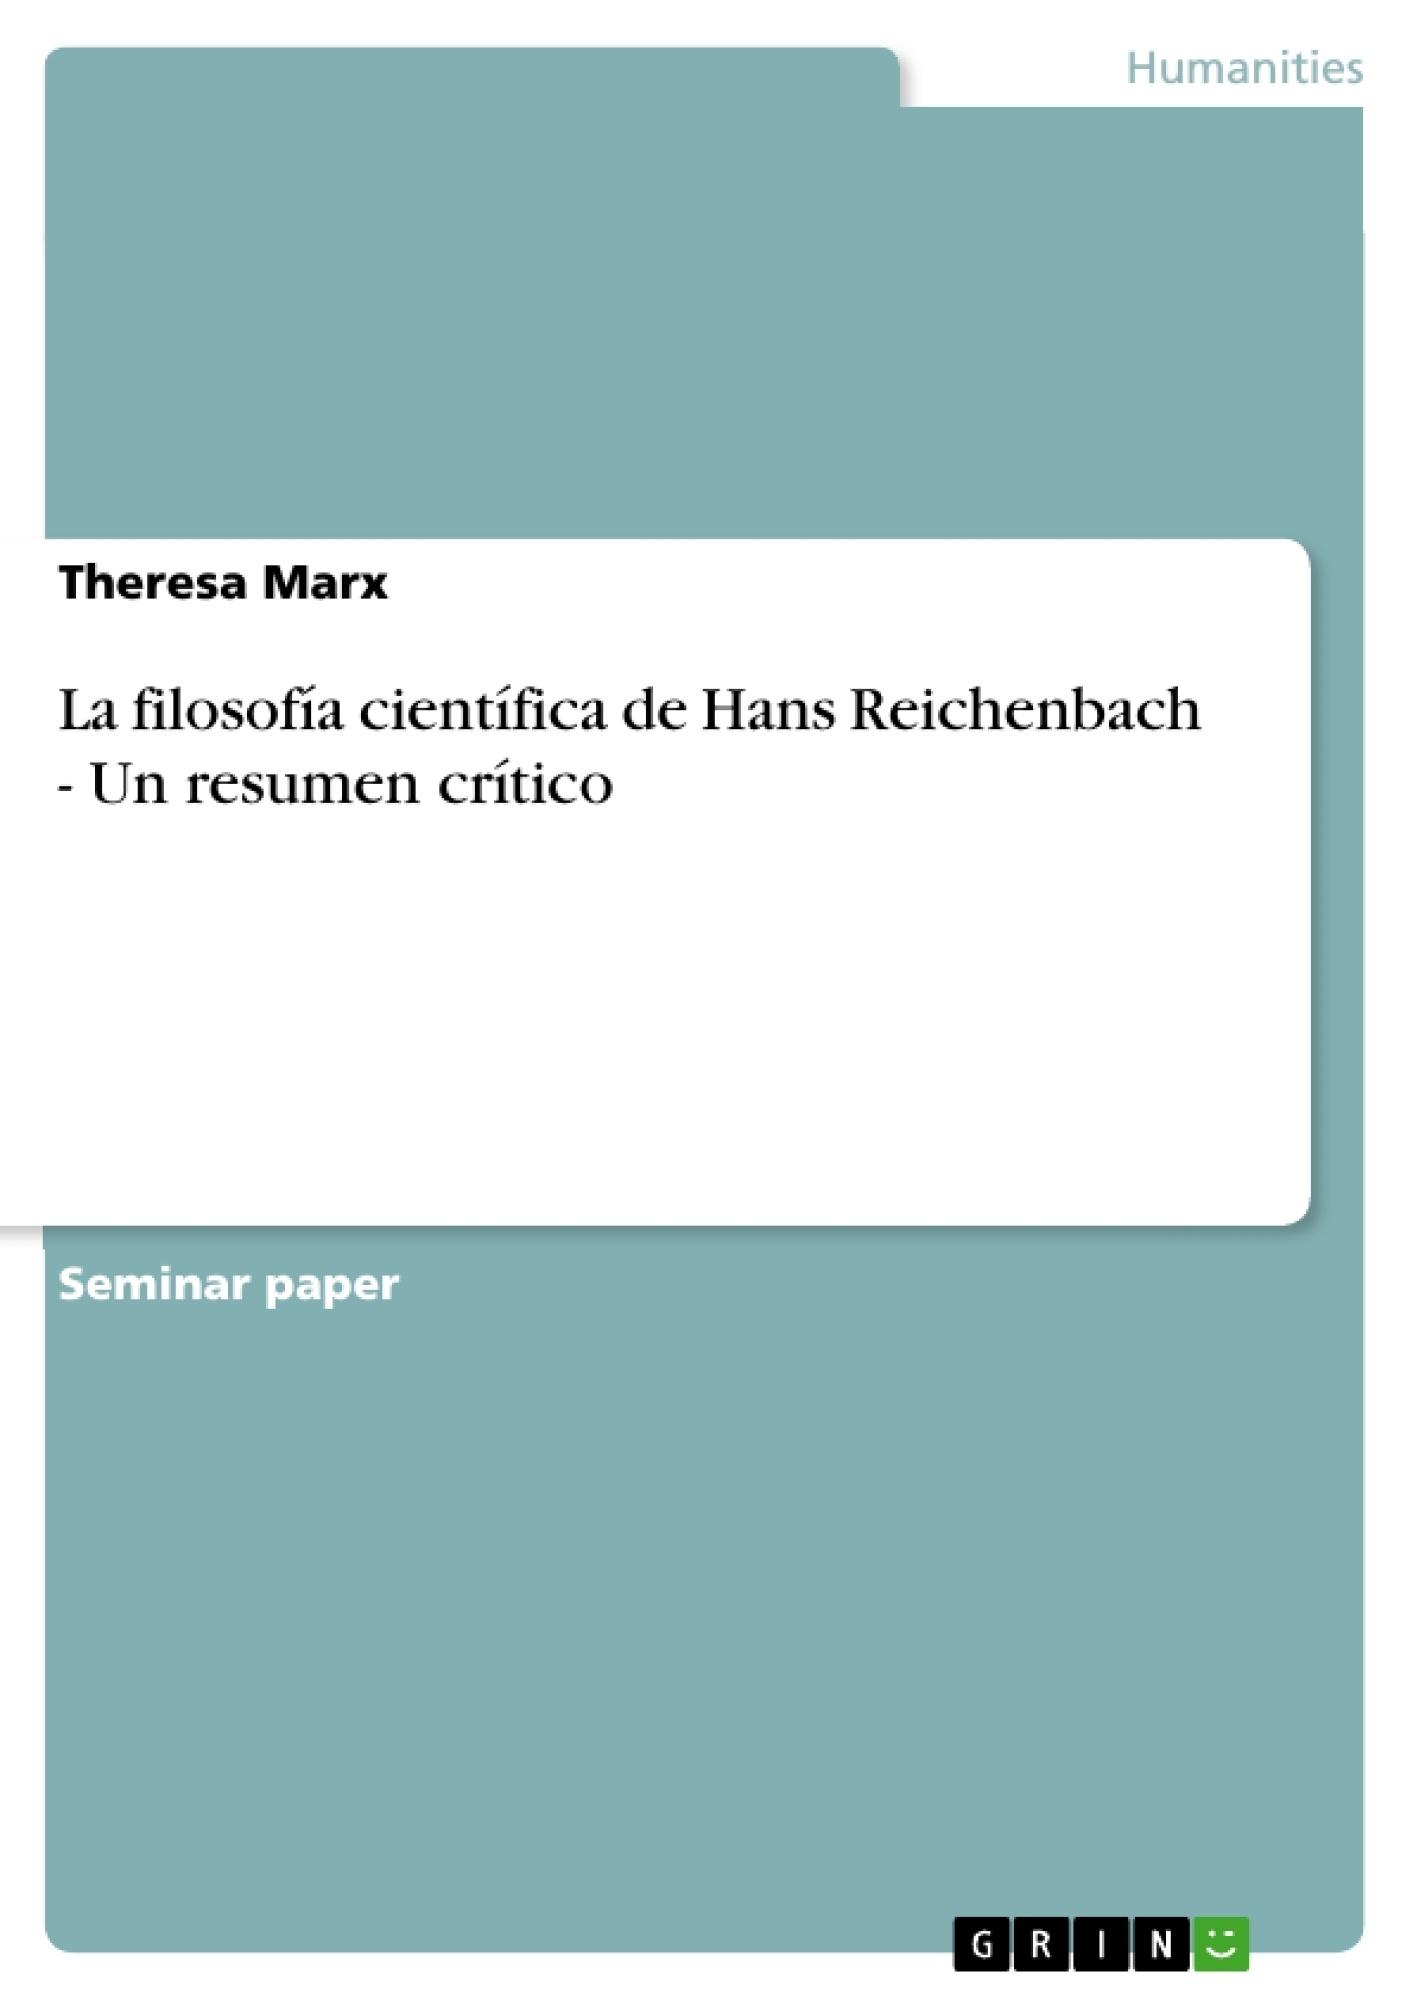 Título: La filosofía científica de Hans Reichenbach - Un resumen crítico